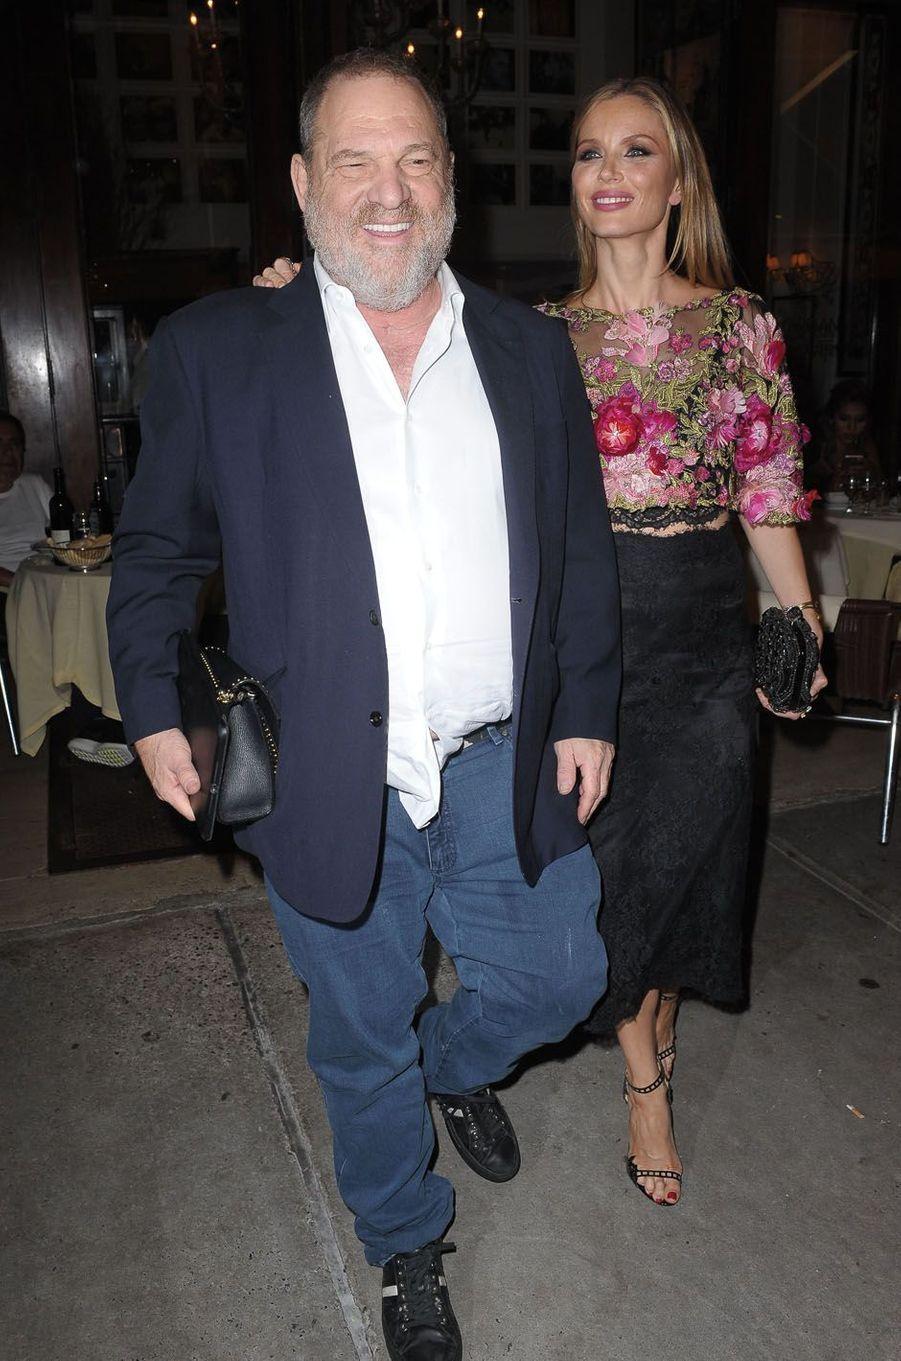 Harvey Weinstein et sa compagnelors de la fête de fiançailles de Quentin Tarantino et Daniella Pick, le 23 septembre 2017 à New York.